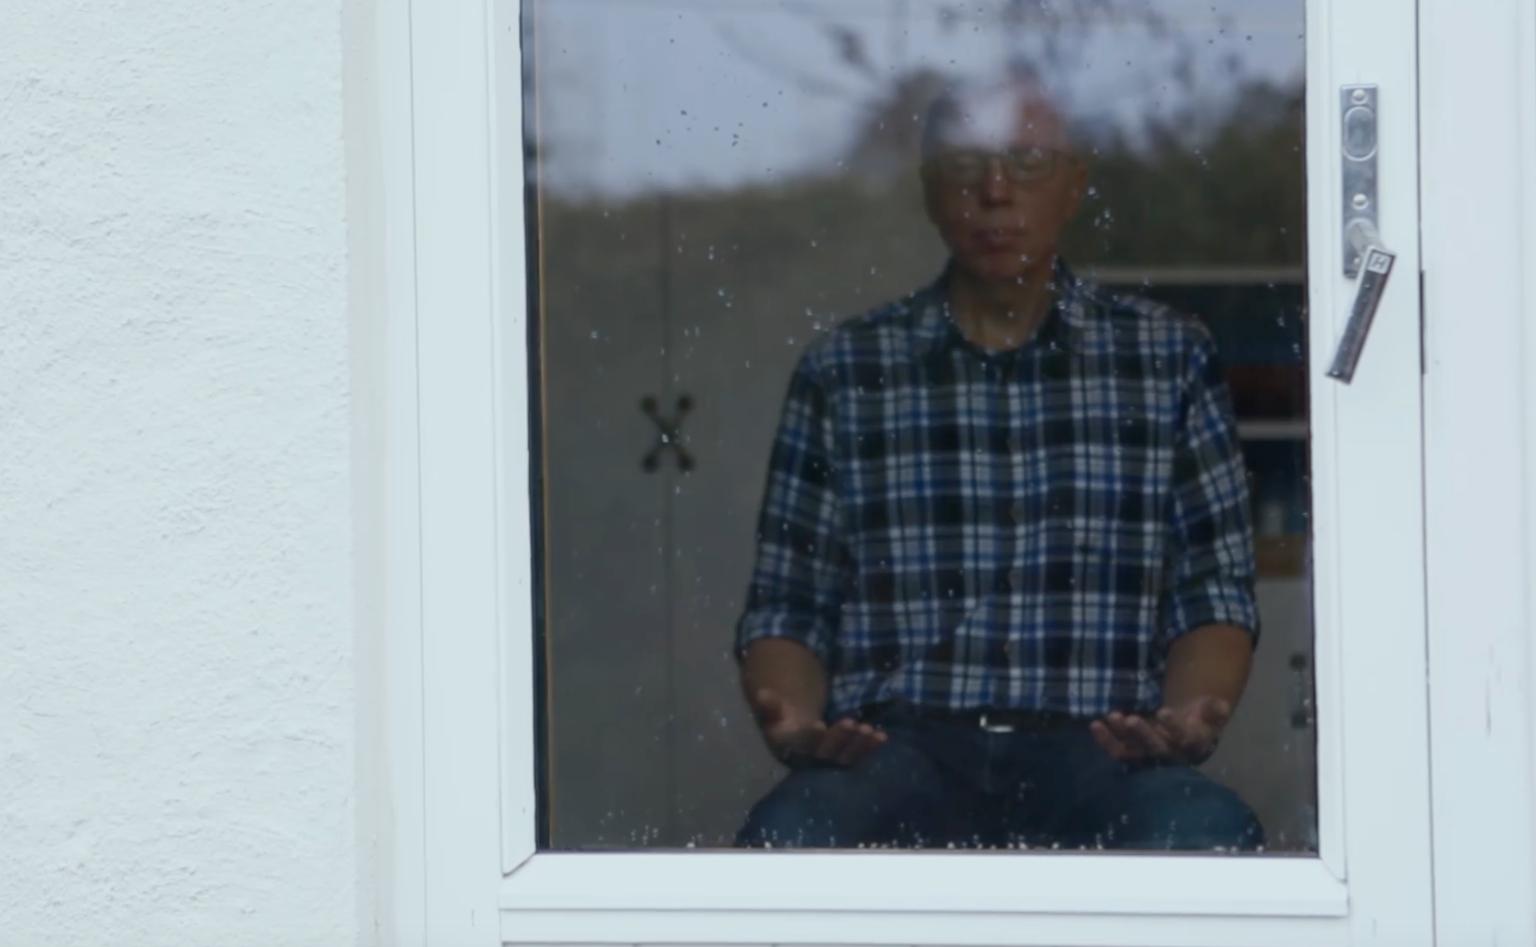 Tore Laugerud praktiserer sentrerende bønn (Screenshot fra video av Jens Emil Asp)